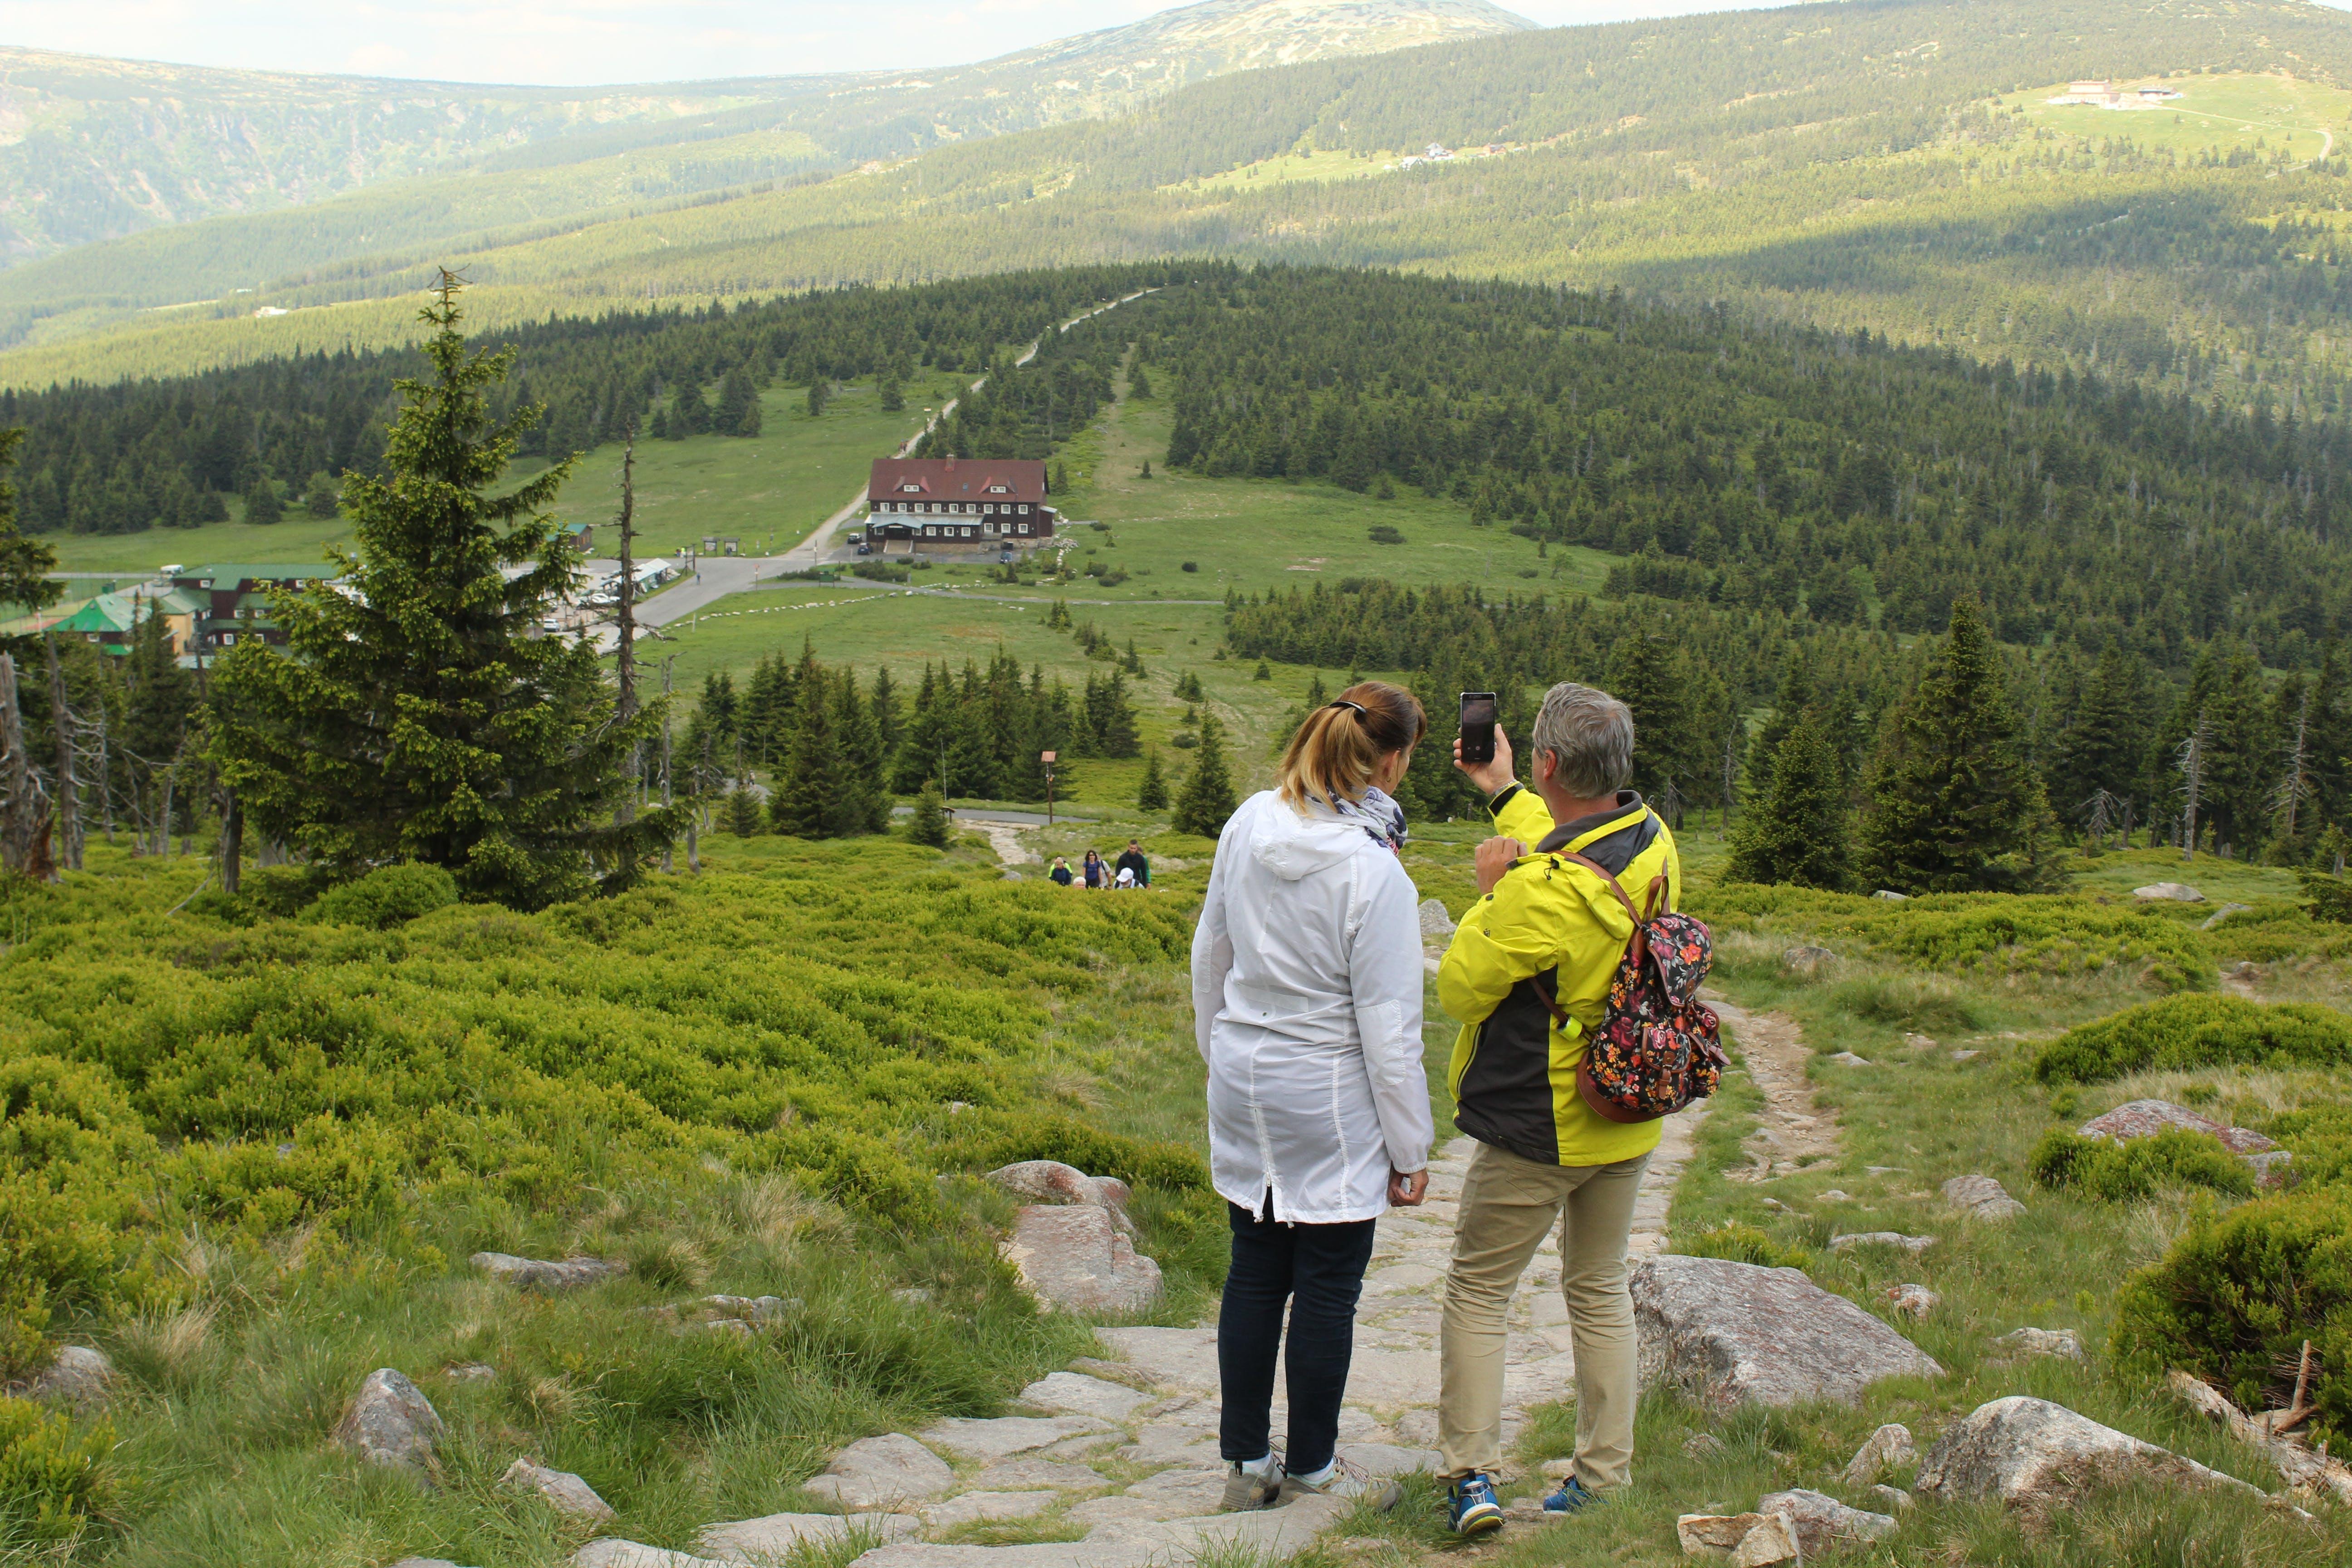 Woman Beside Man on Top of Mountain Taking Selfie